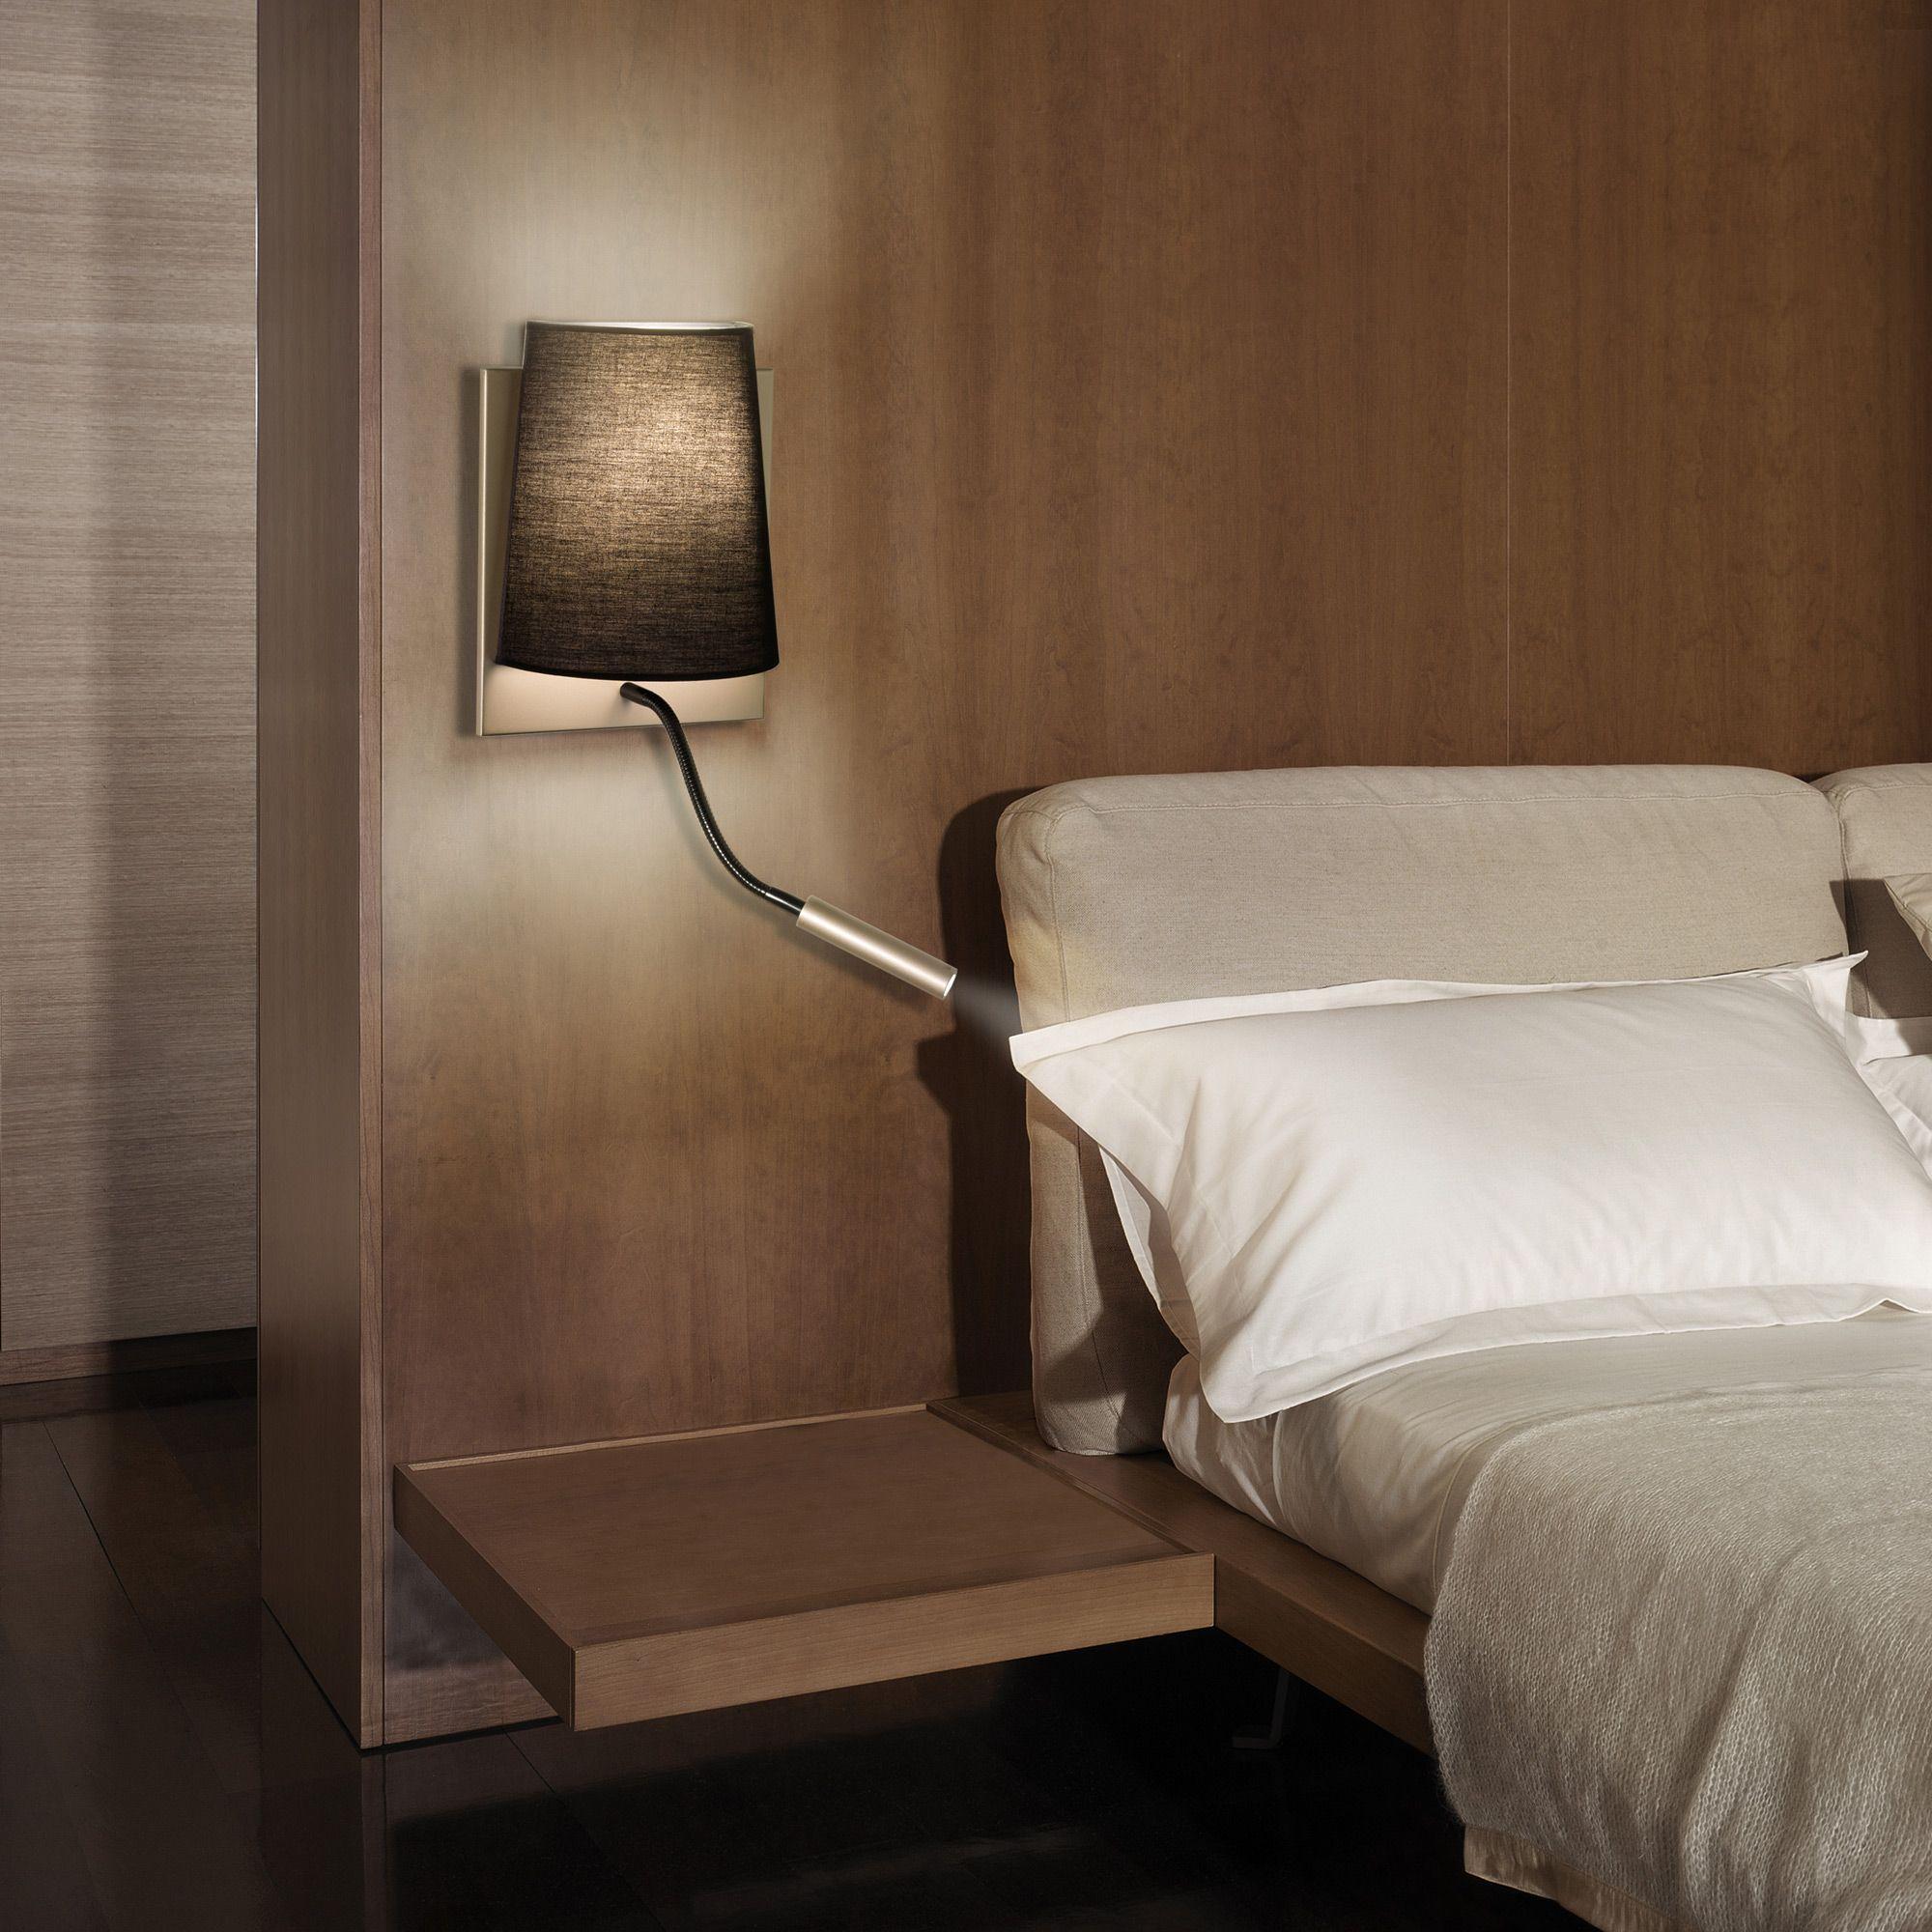 applique tete de lit hotel